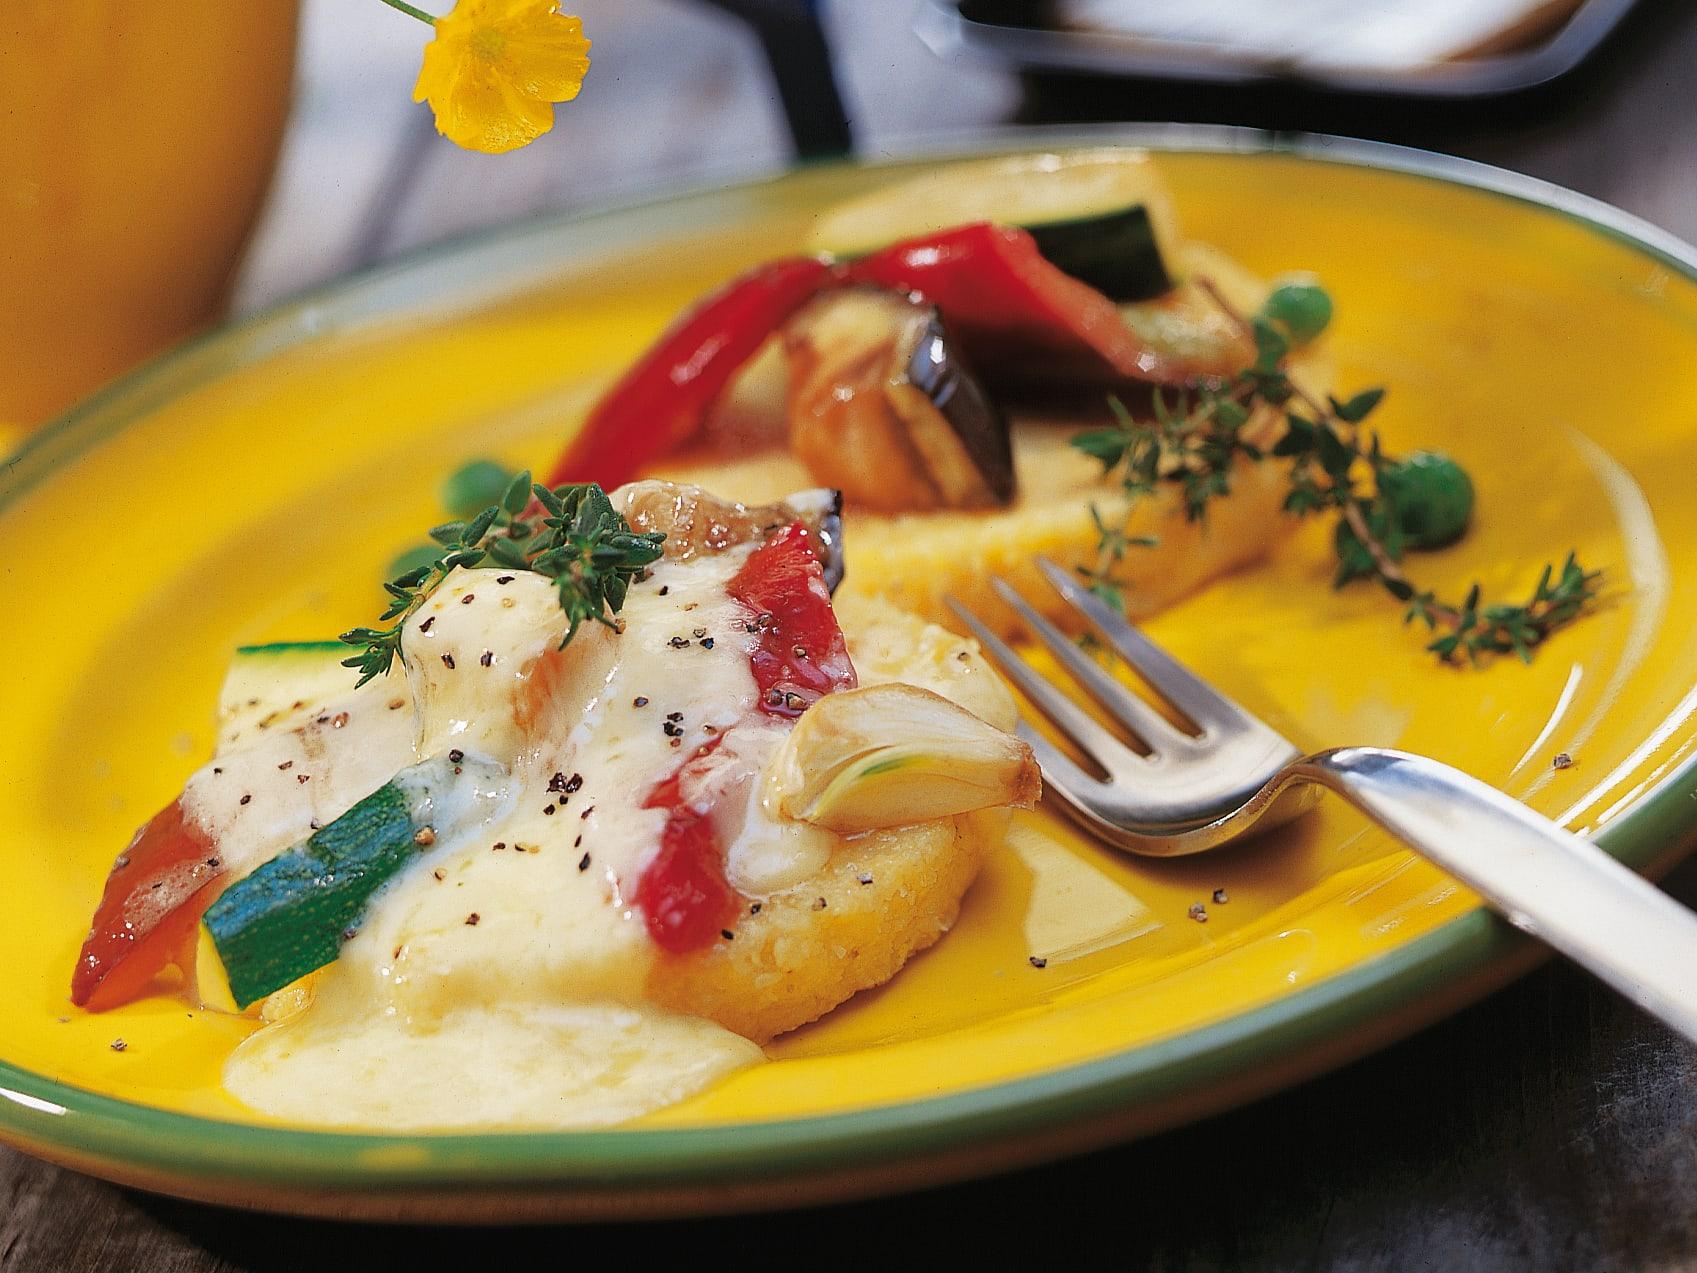 Galettes de polenta et ratatouille garnies d'une savoureuse raclette